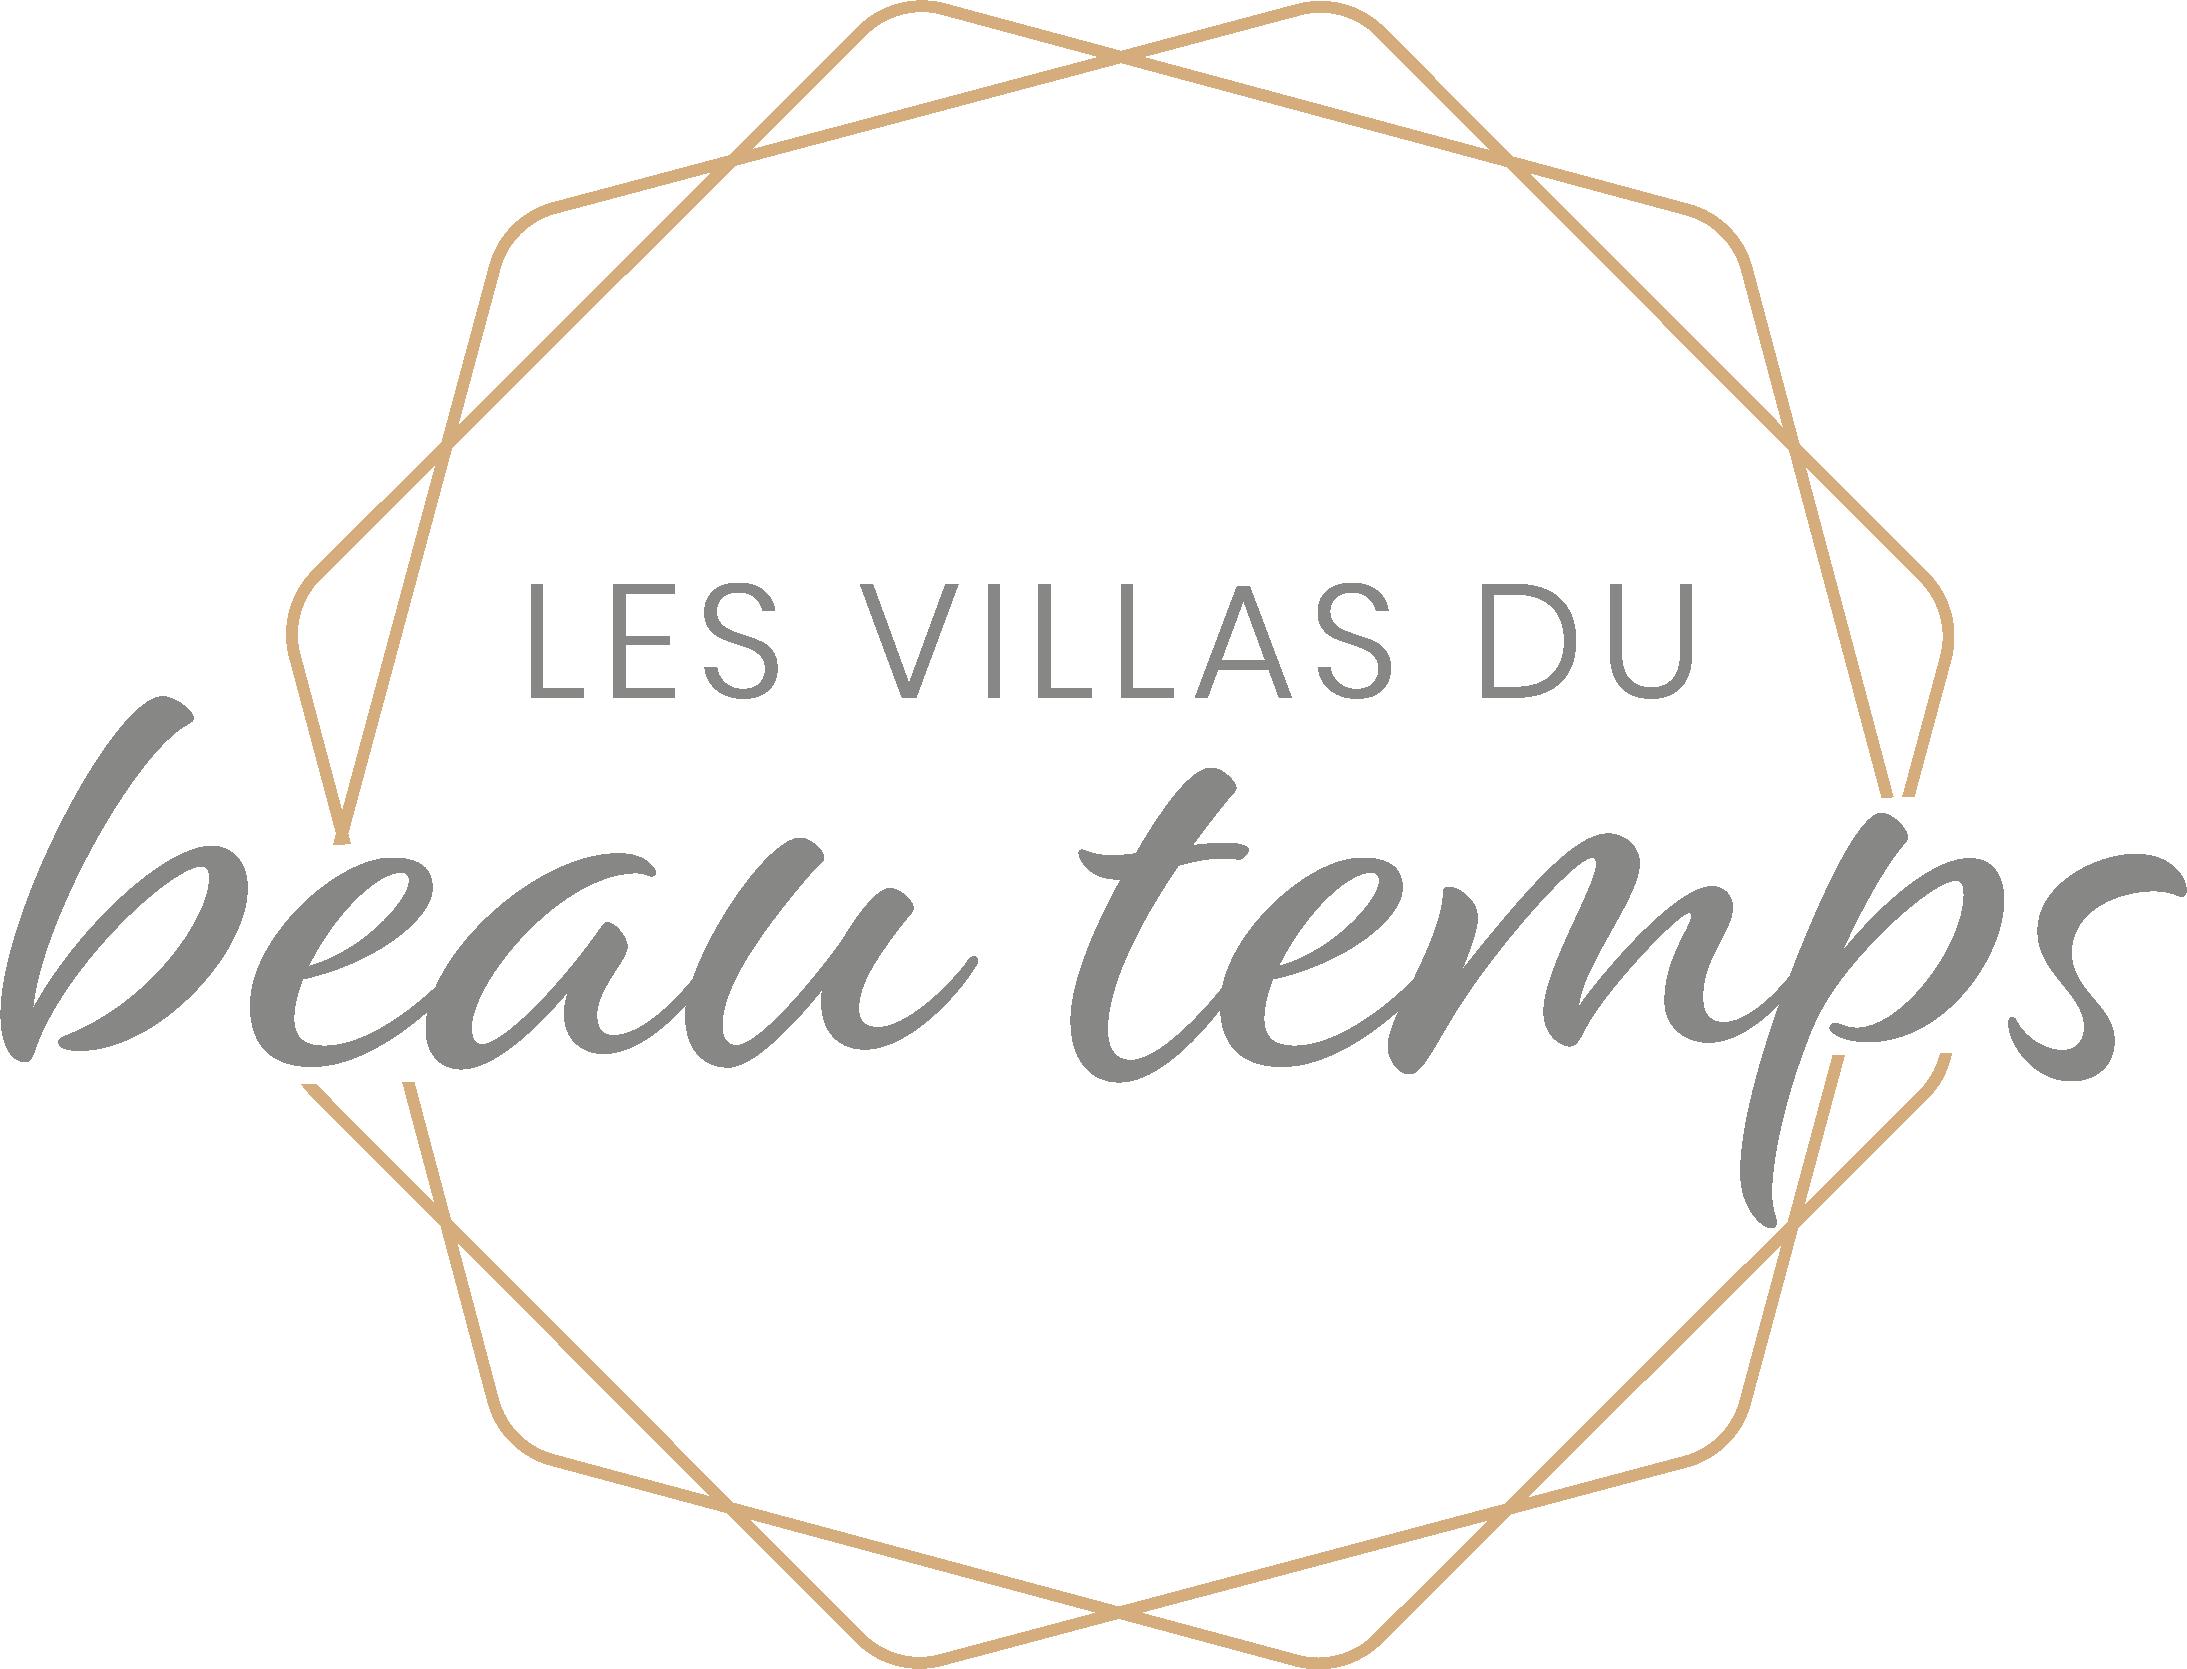 Logotype du programme immobilier Les Villas du Beau Temps à Agde, par la société LLZ de Ludovic LIRON. Réalisation par l'agence de communication tamline www.tamline.fr, tous droits réservés.